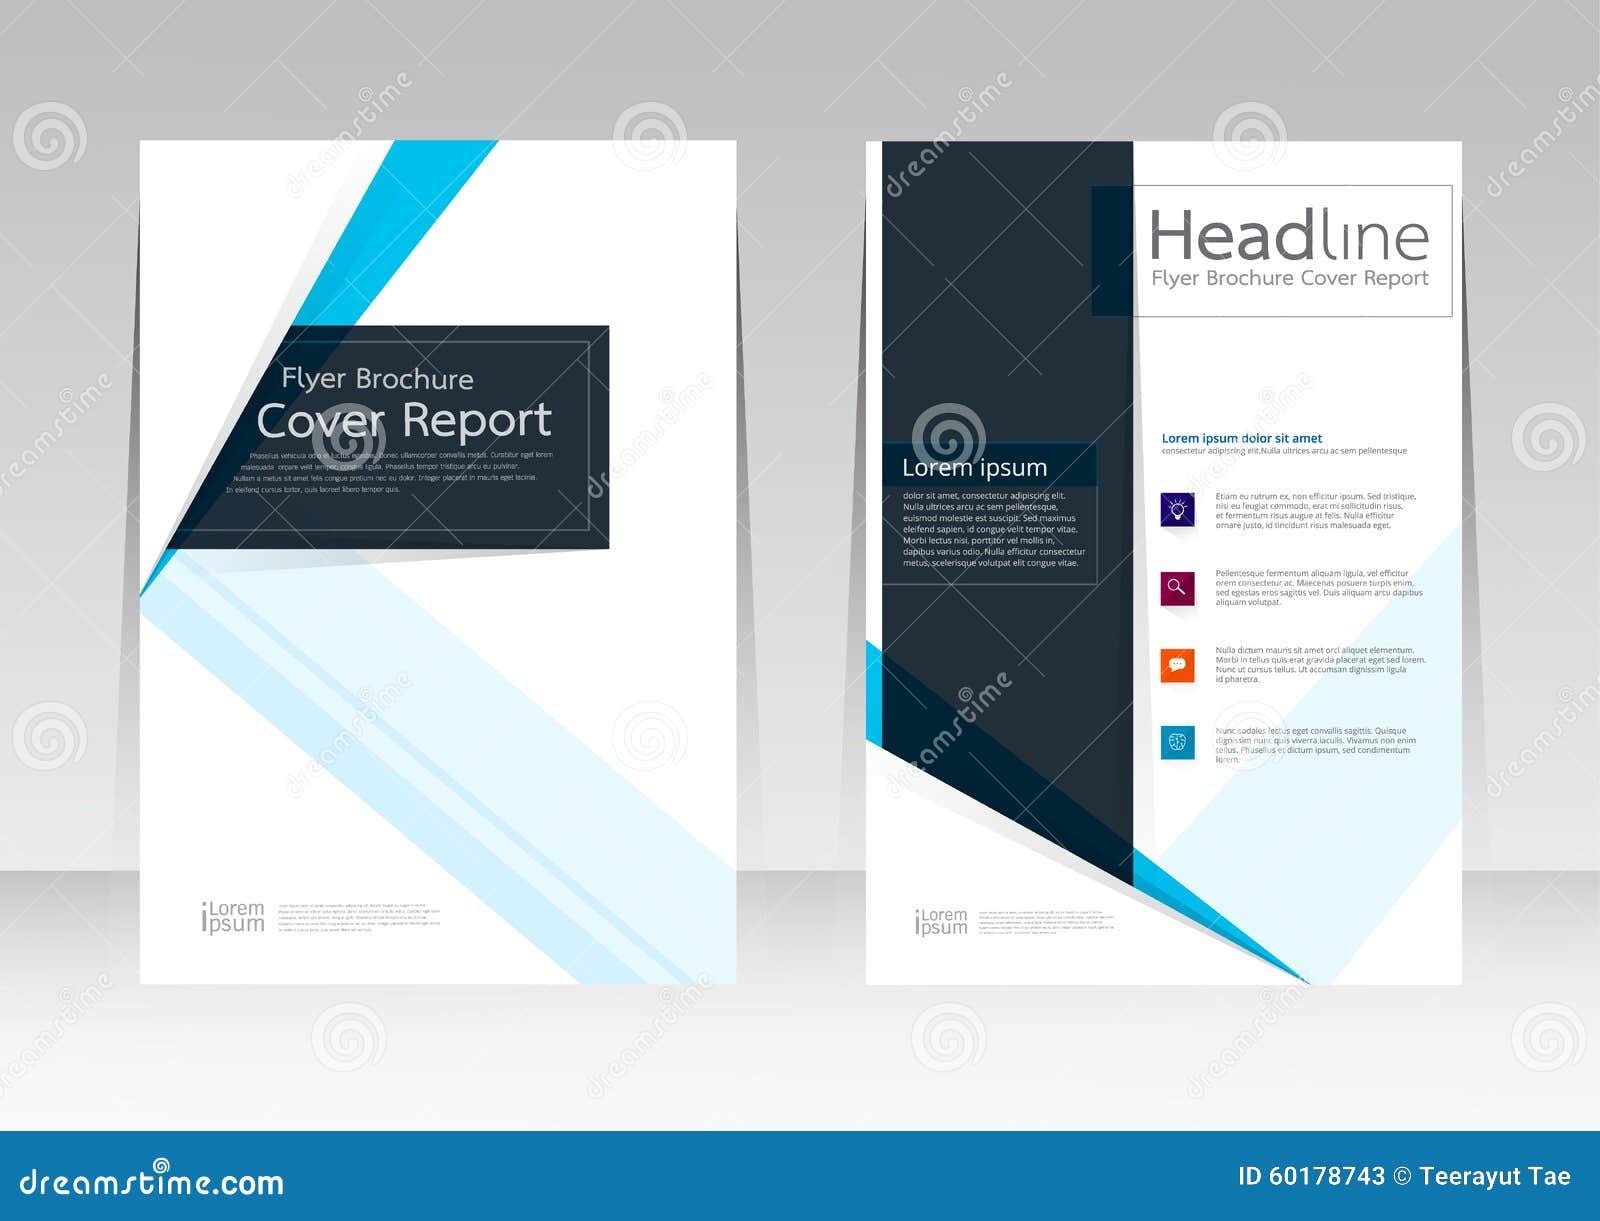 Vector Design für Abdeckungs-Berichts-Broschüren-Flieger-Plakat in der Größe A4